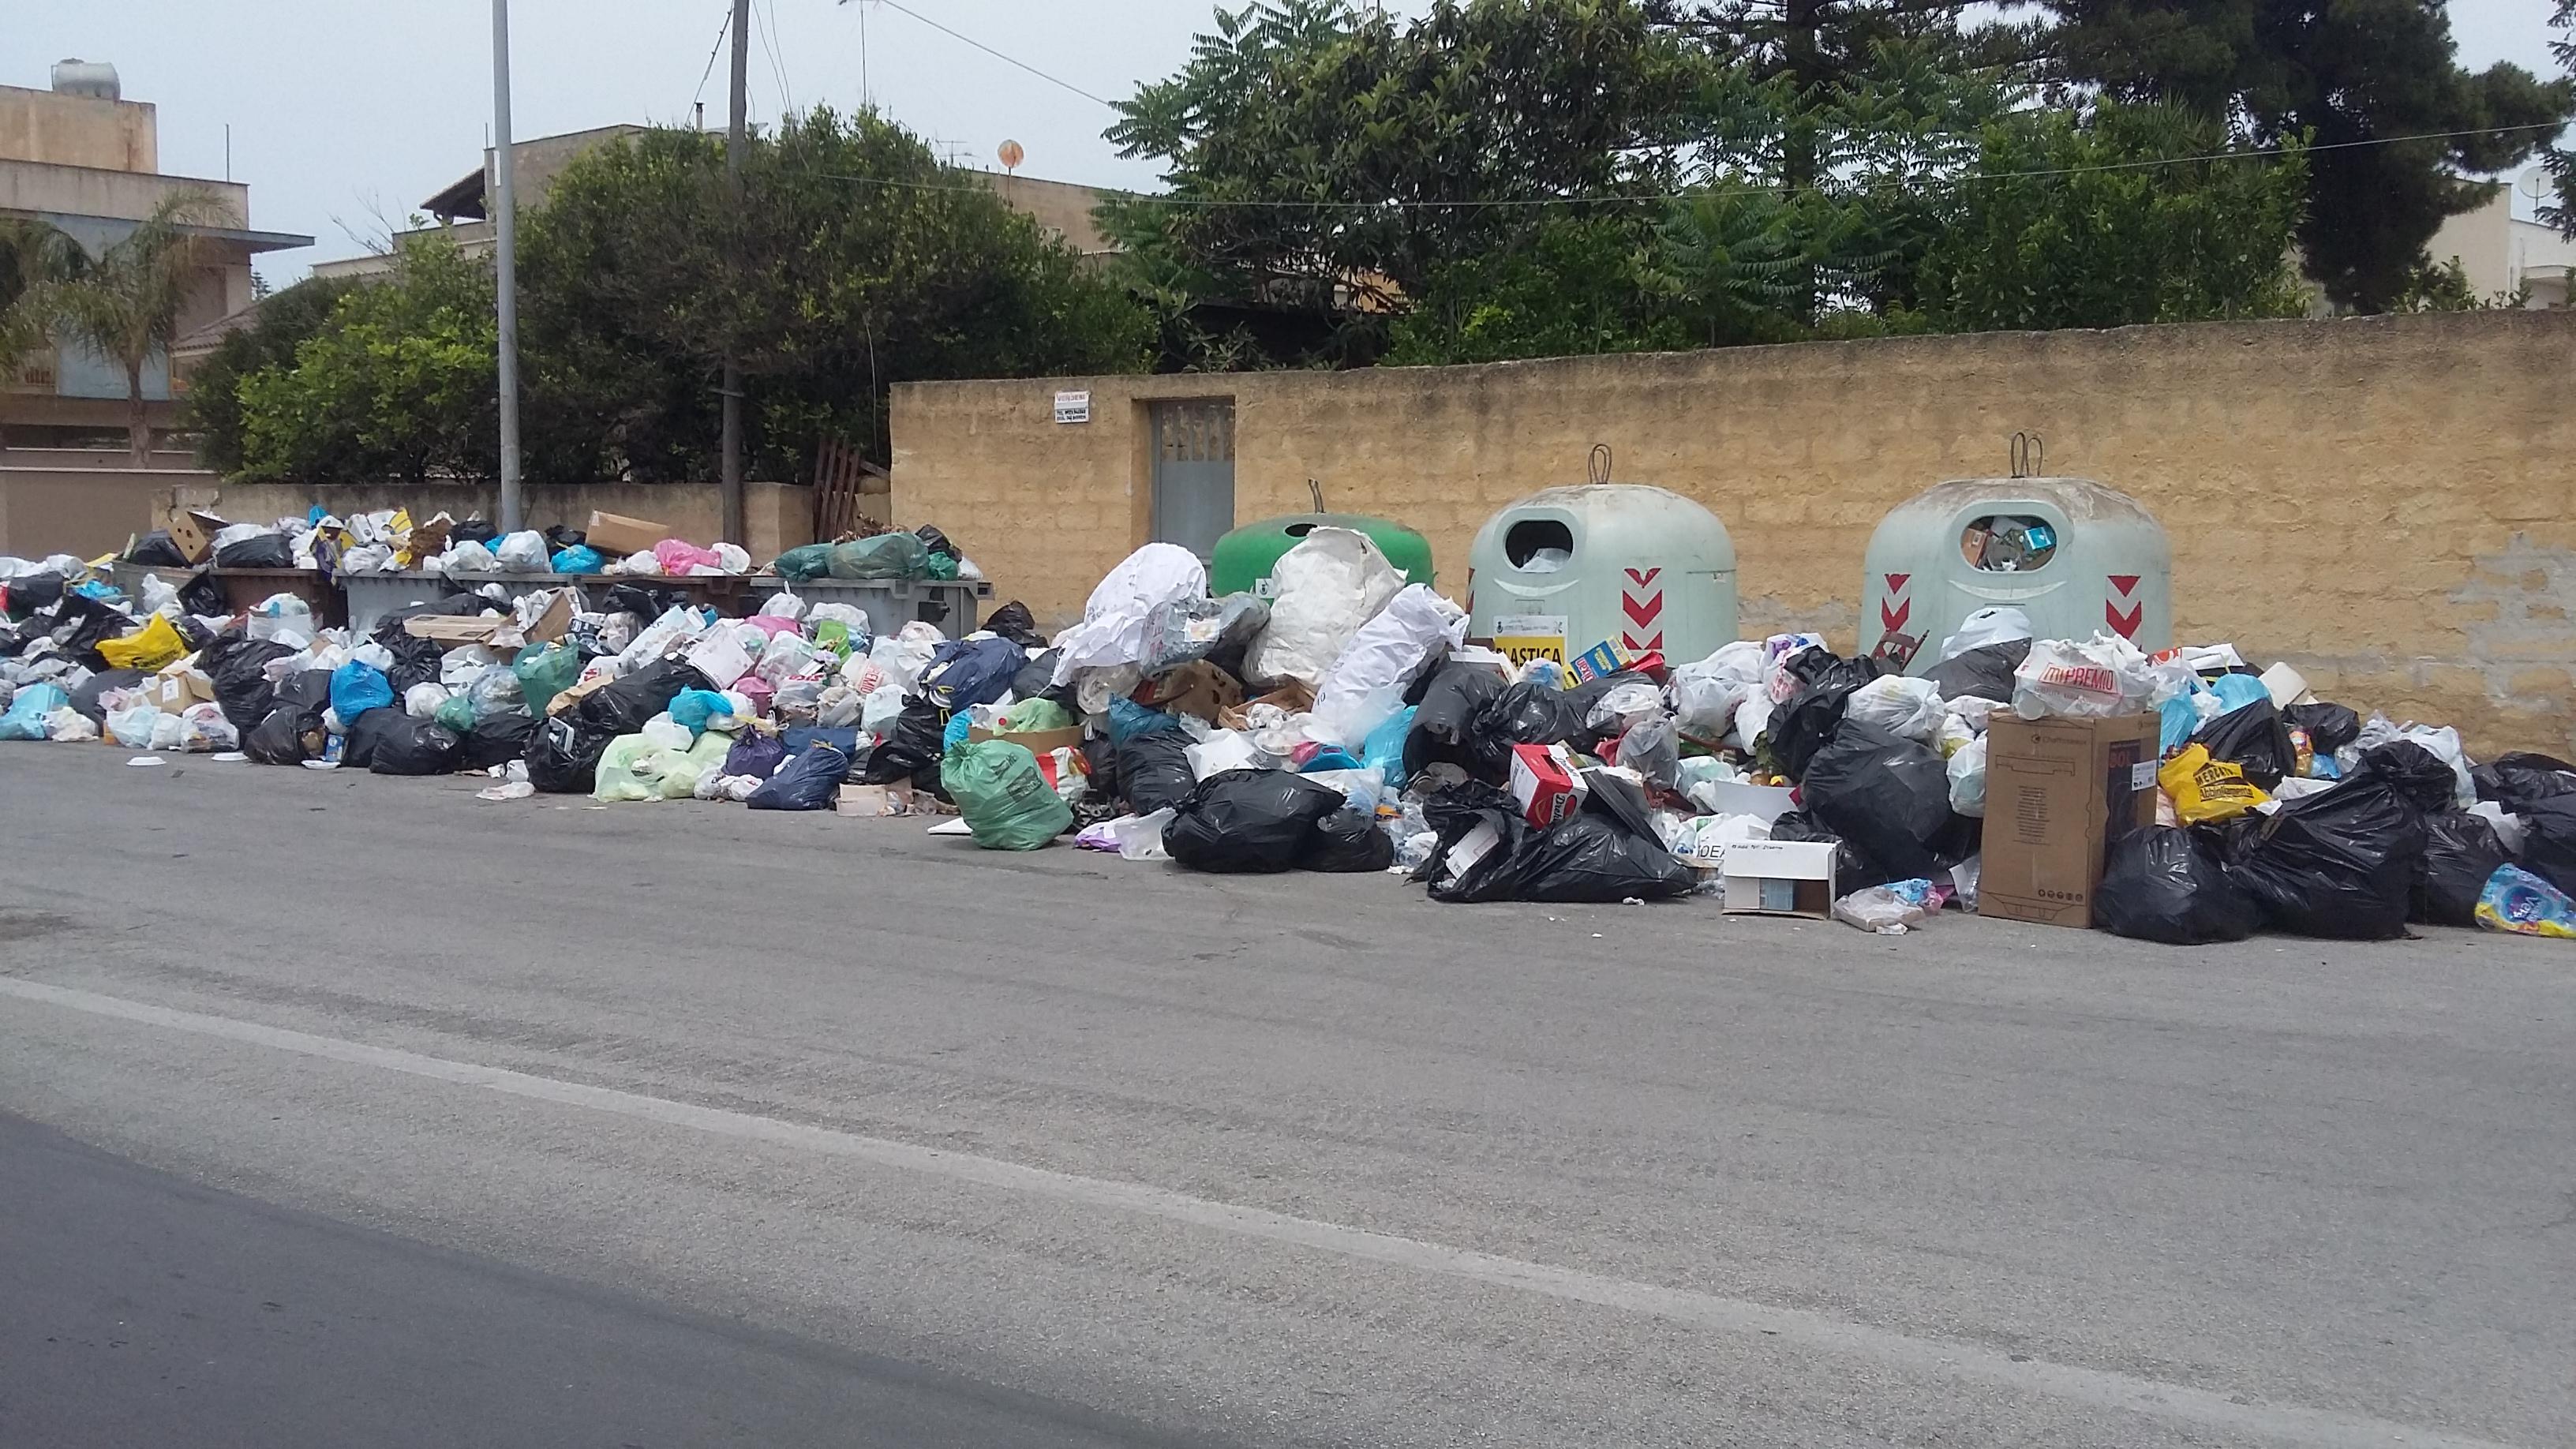 La Sicilia nell'inferno rifiuti: la discarica di Siculiana non è a norma. Perché ancora non si è preso alcun provvedimento?